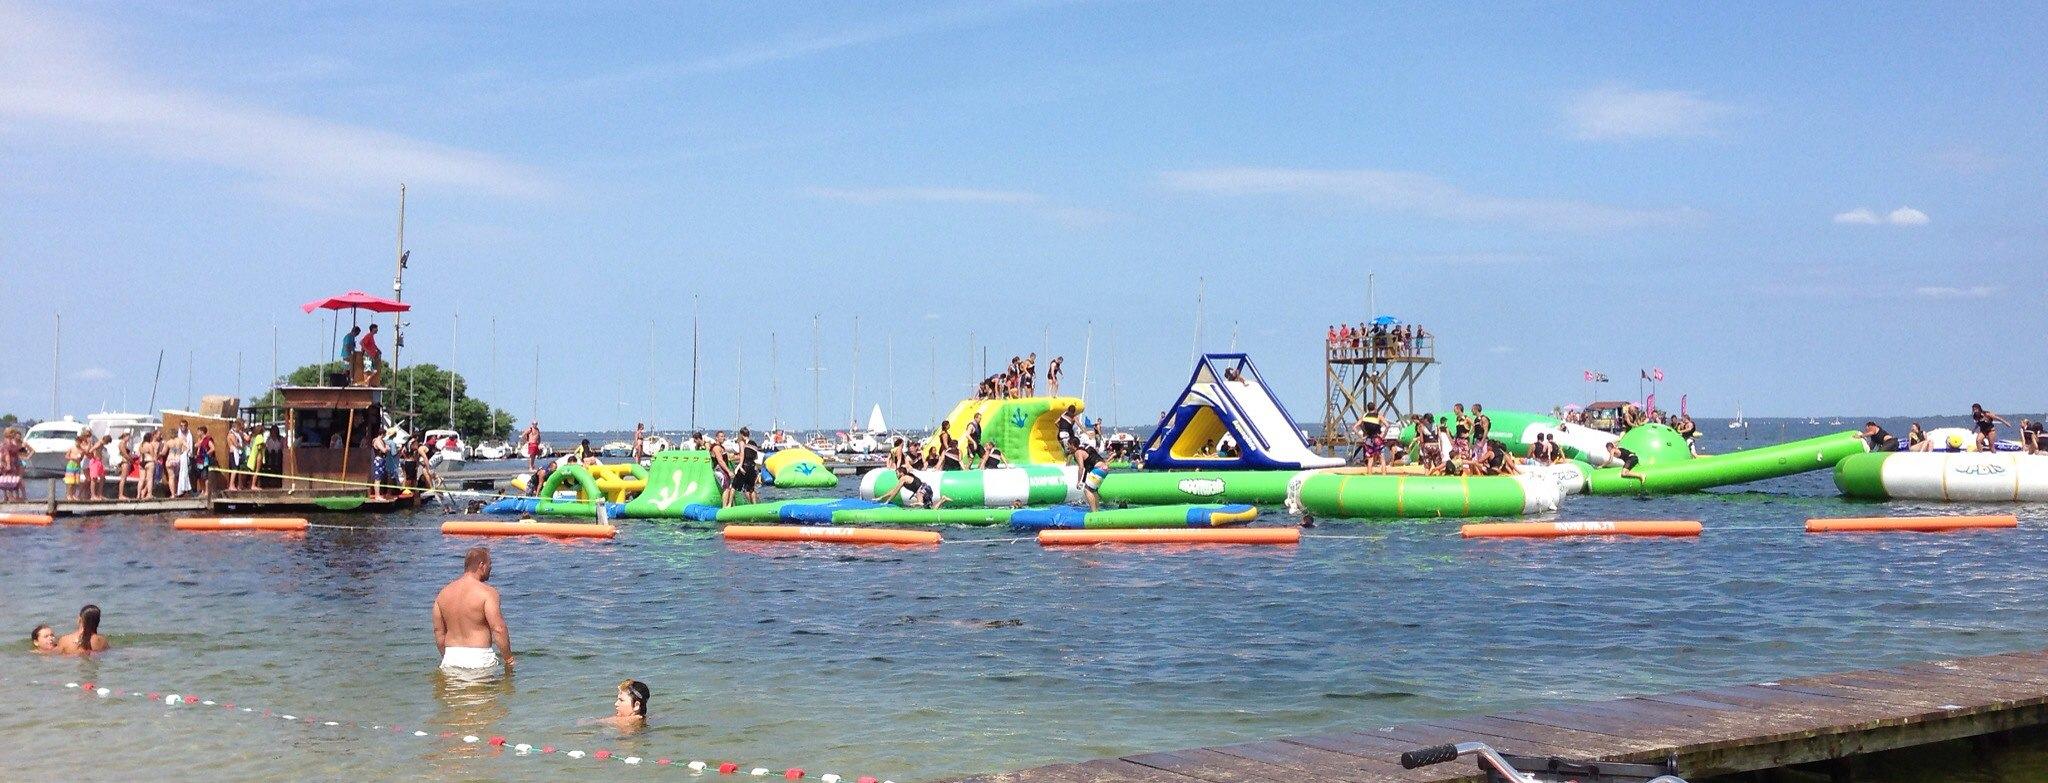 Aquapark lac de sanguinet : une activité à faire dans les Landes!